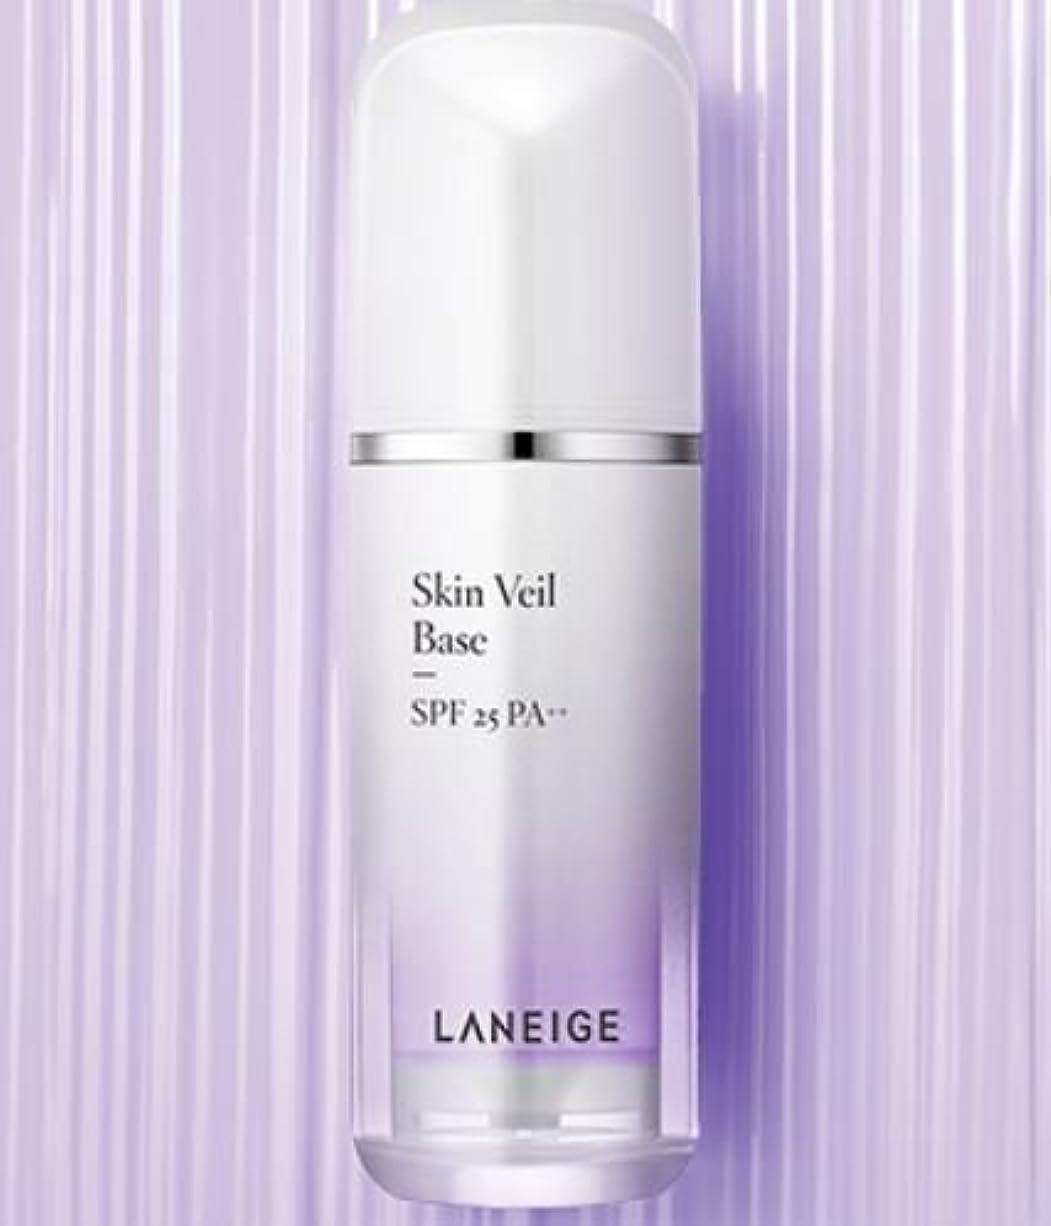 トンネルカップル東方[LANEIGE] Skin Veil Base SPF25 PA++ 30ml/[ラネージュ]スキンベールベース SPF25 PA++ 30ml (# 40 Pure Violet/ピュアバイオレット) [並行輸入品]